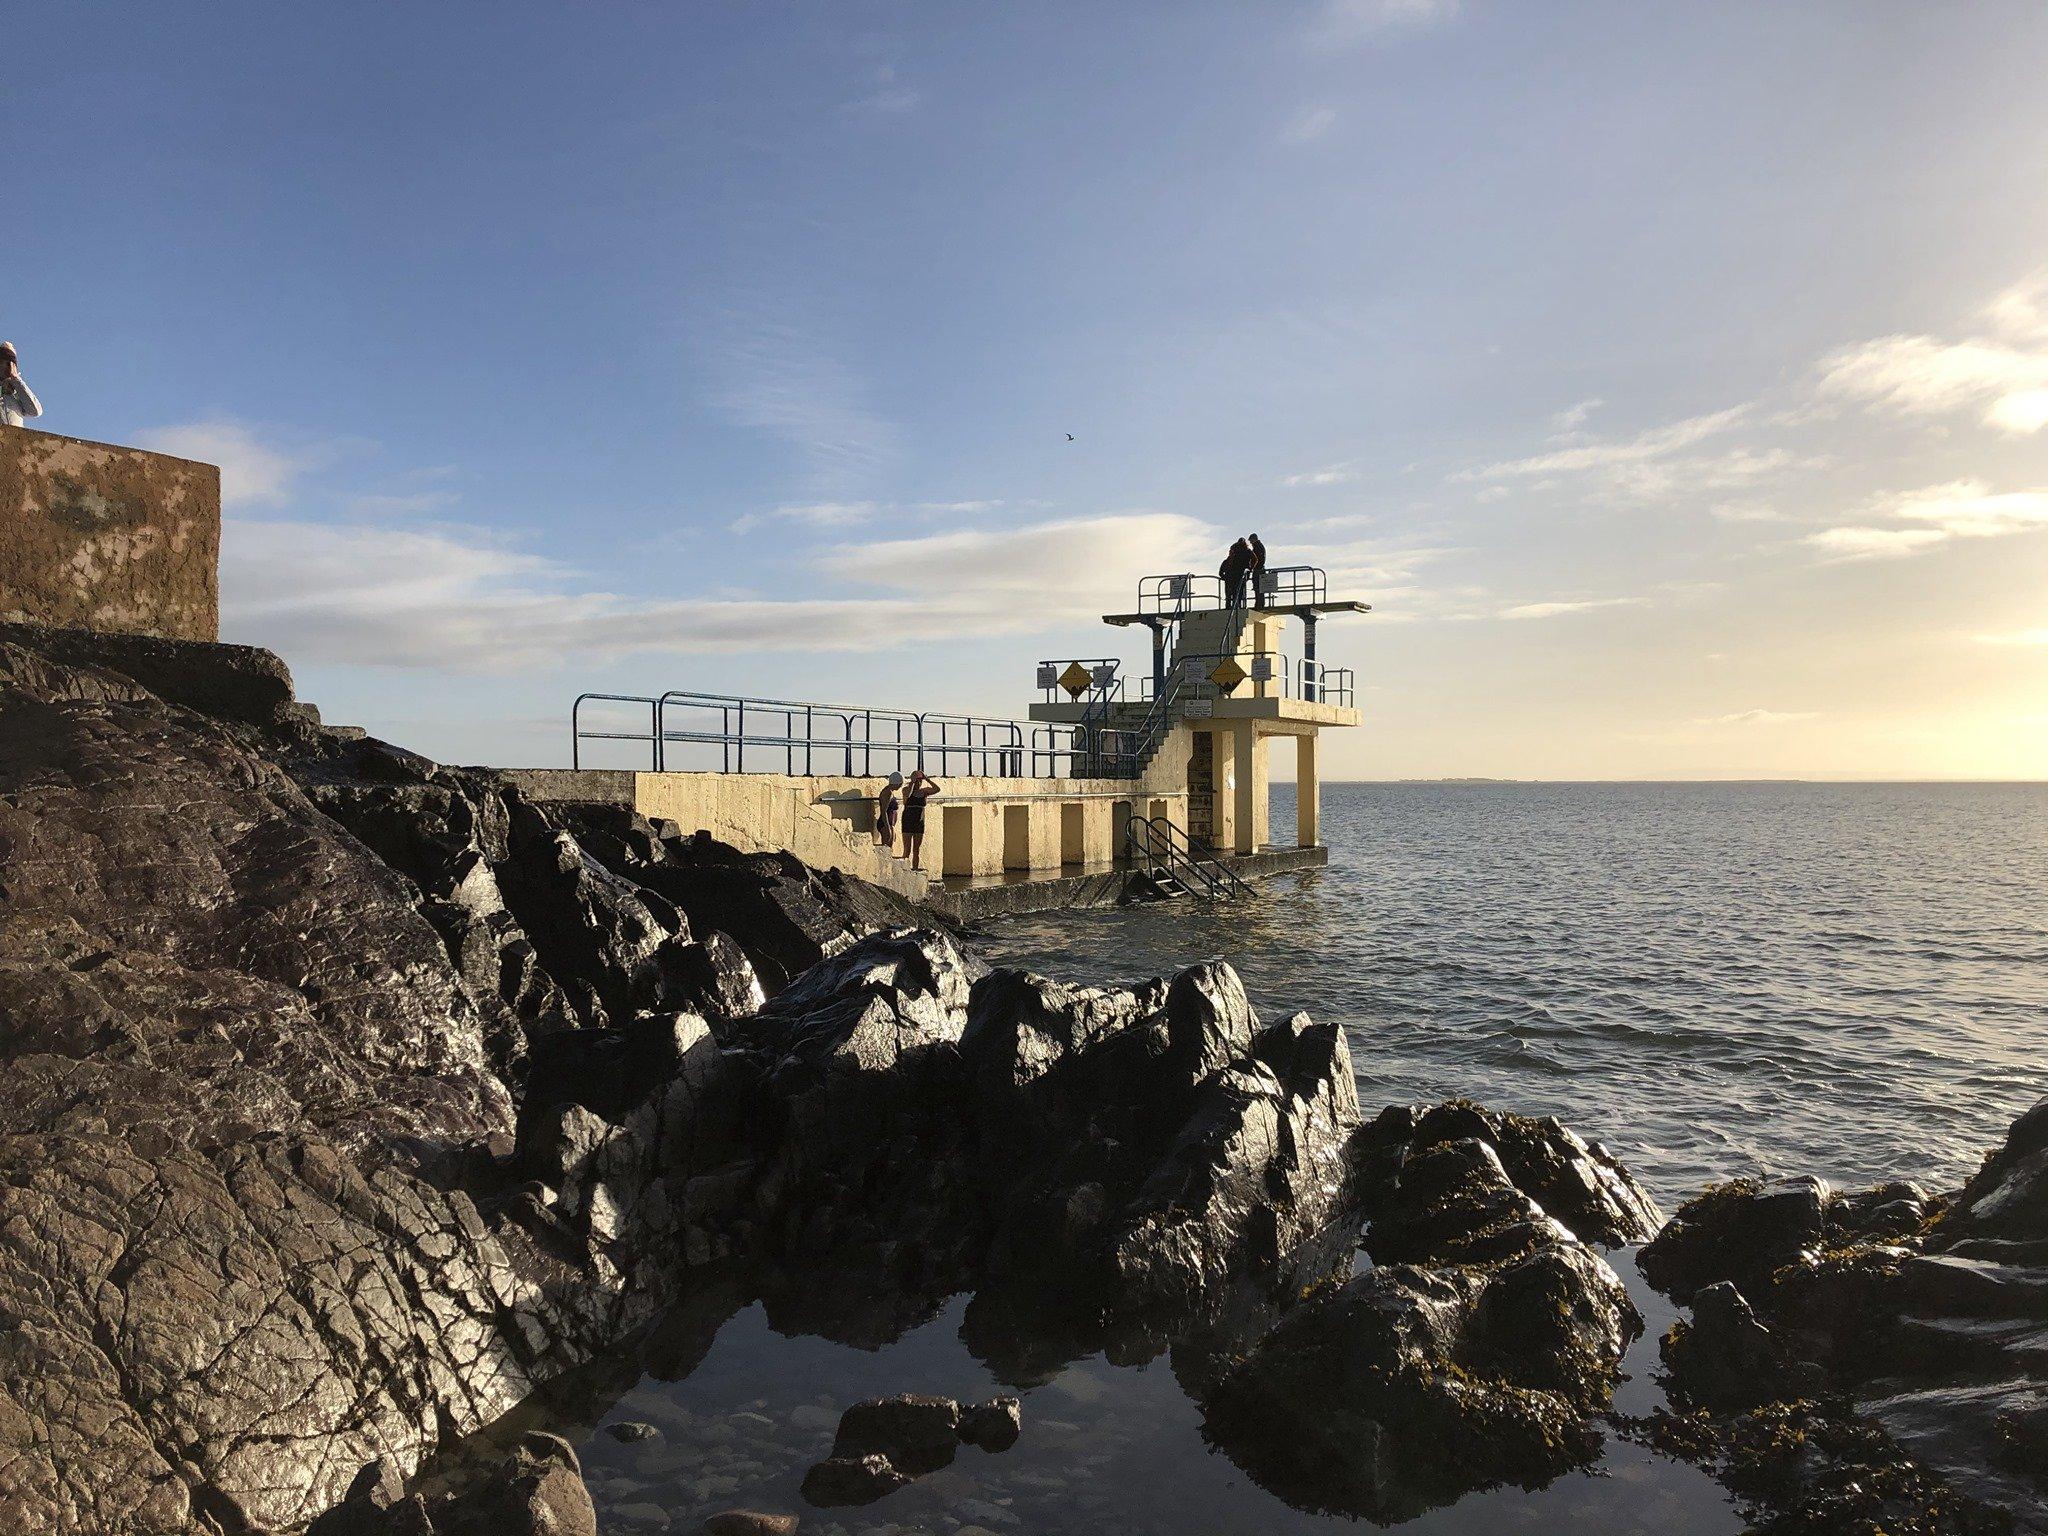 Blackrock Diving Tower in Galway - Visit Galway